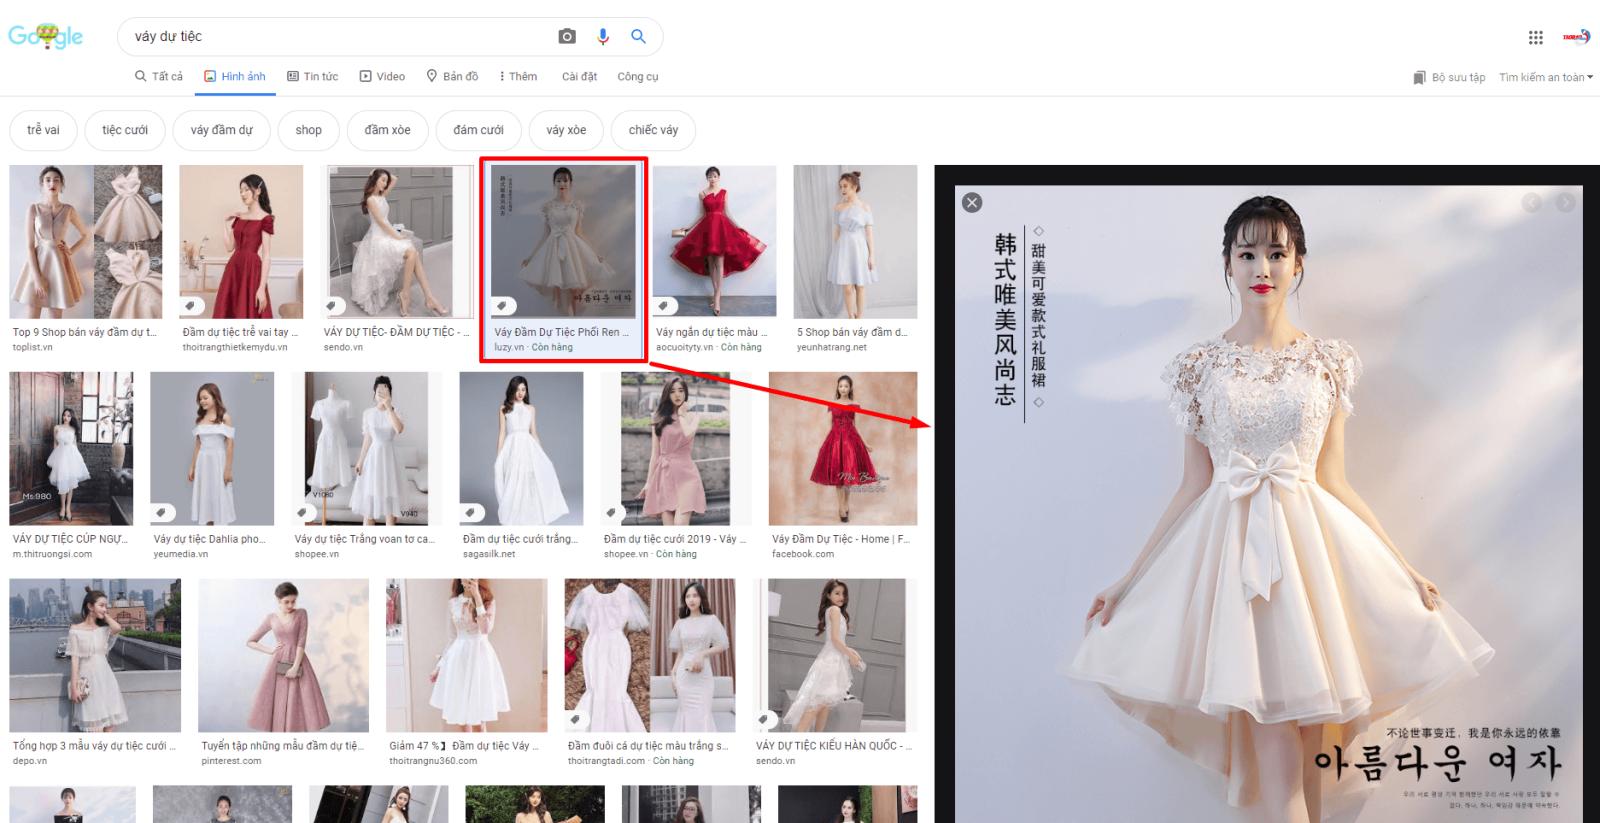 tìm kiếm các sản phẩm trên taobao bằng hình ảnh